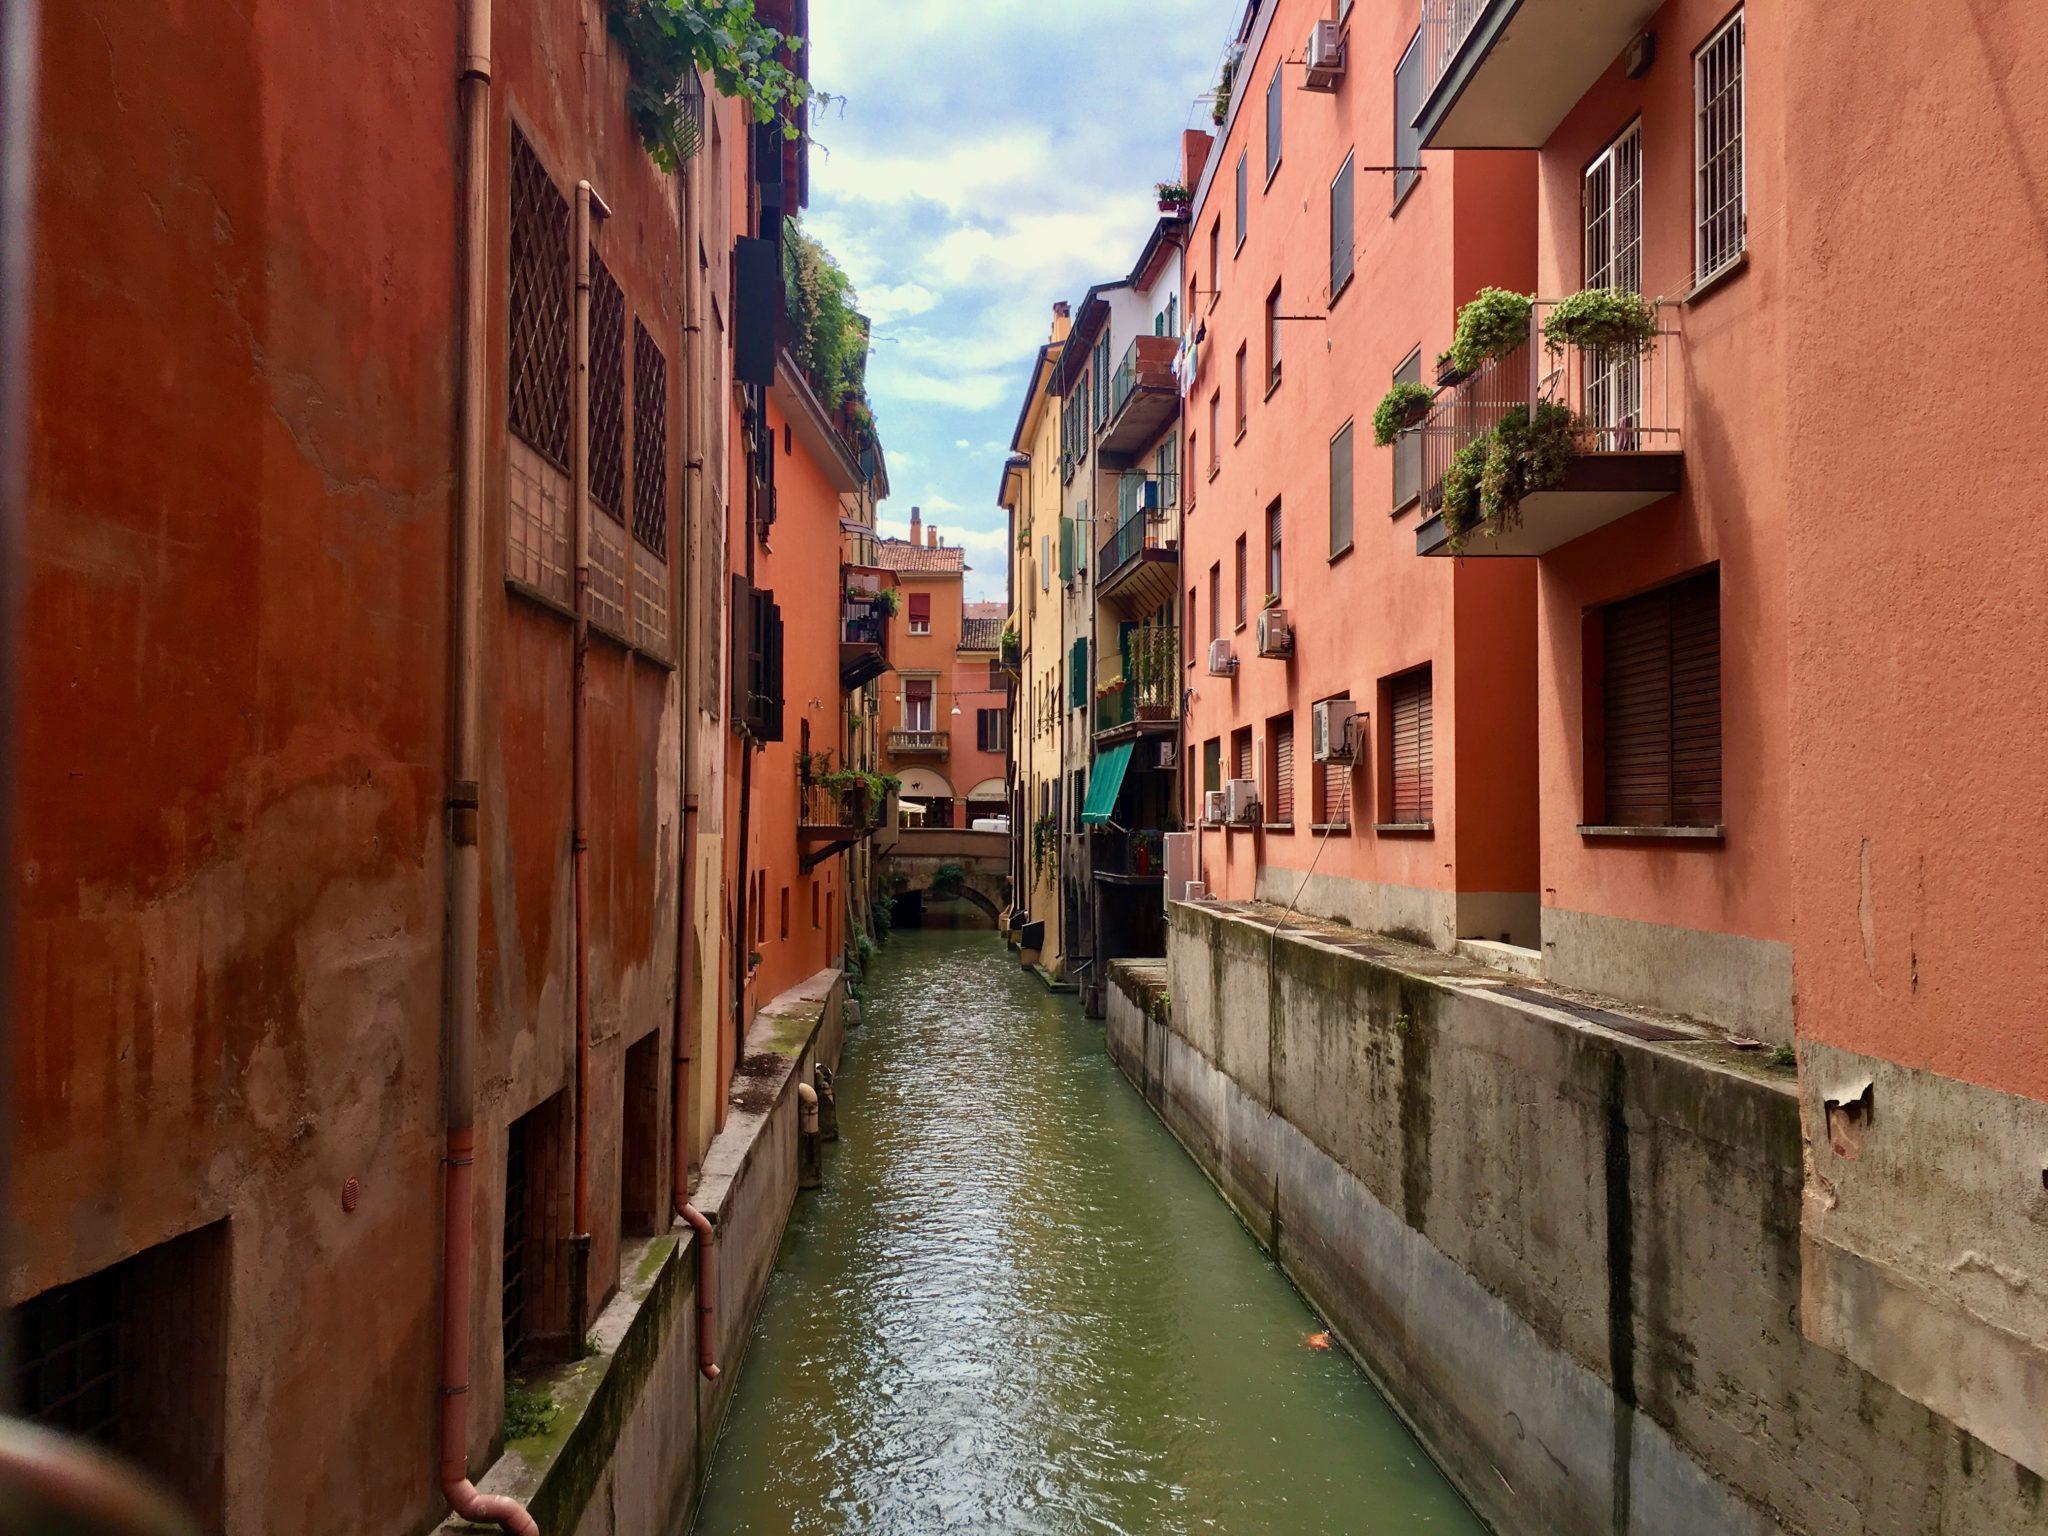 kanał w Bolonii przy ulicy Via Piella 16